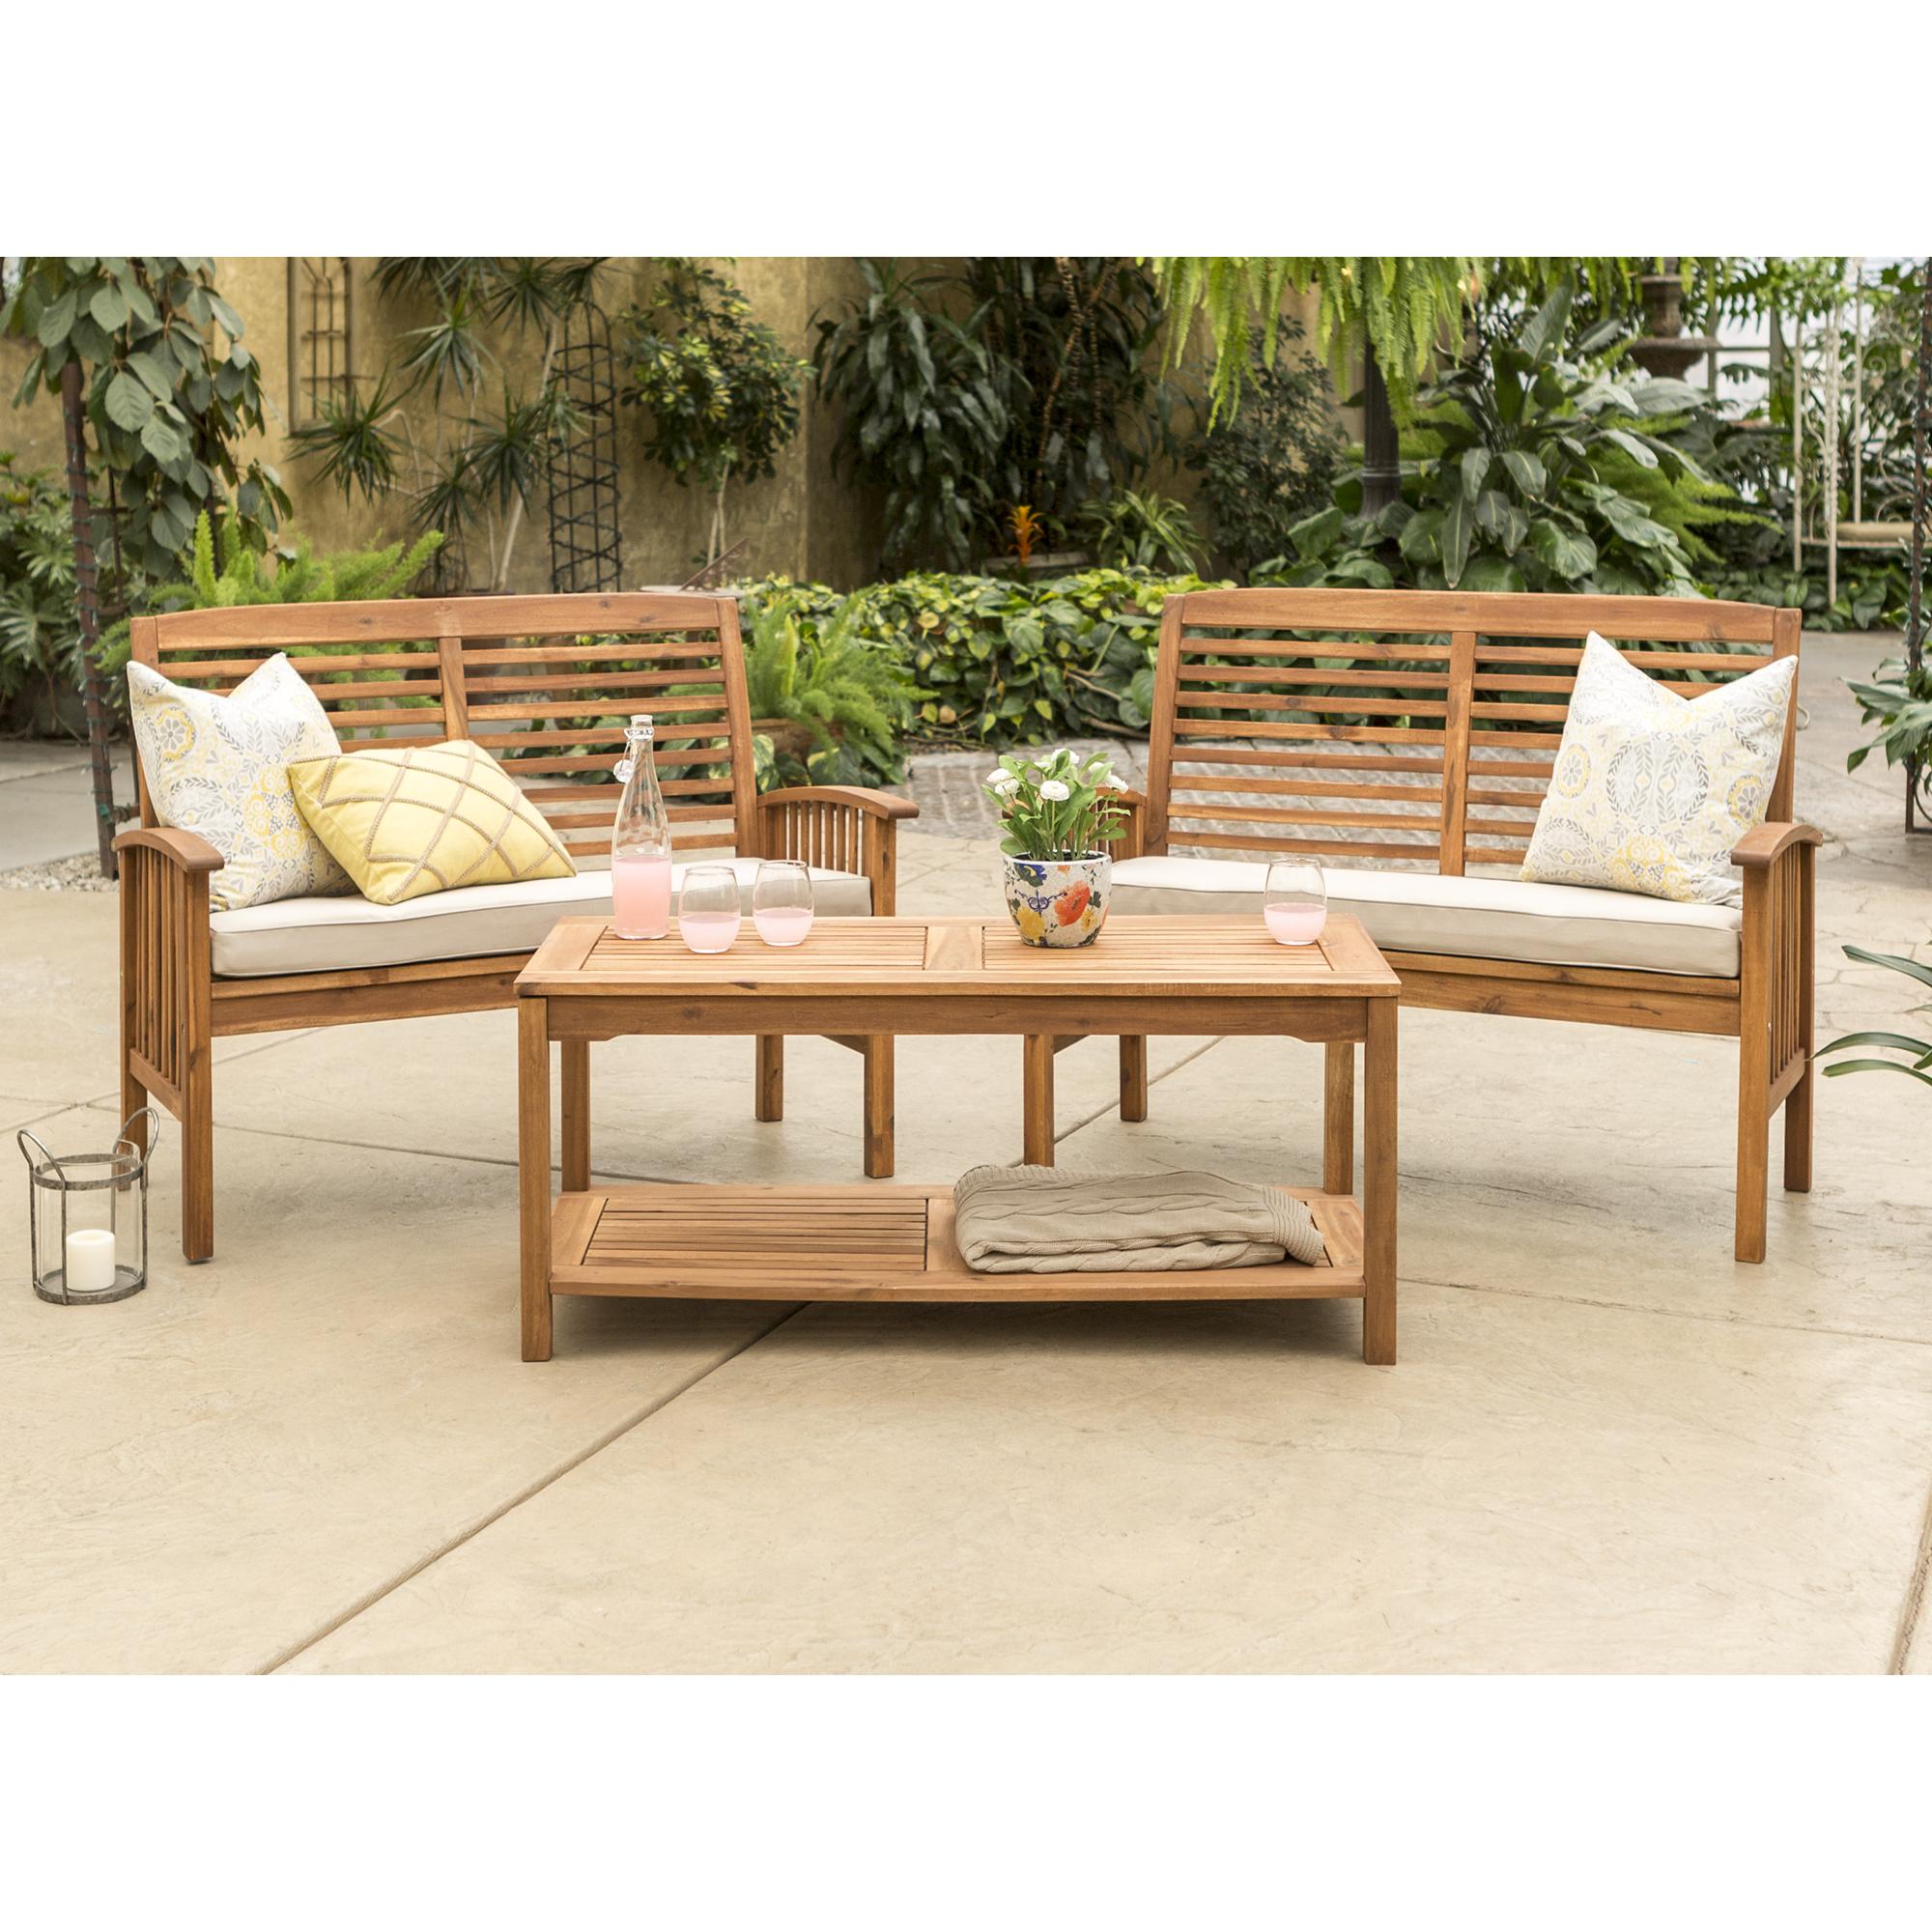 Manor Park 3-Piece Acacia Wood Outdoor Patio Conversation Set - Brown